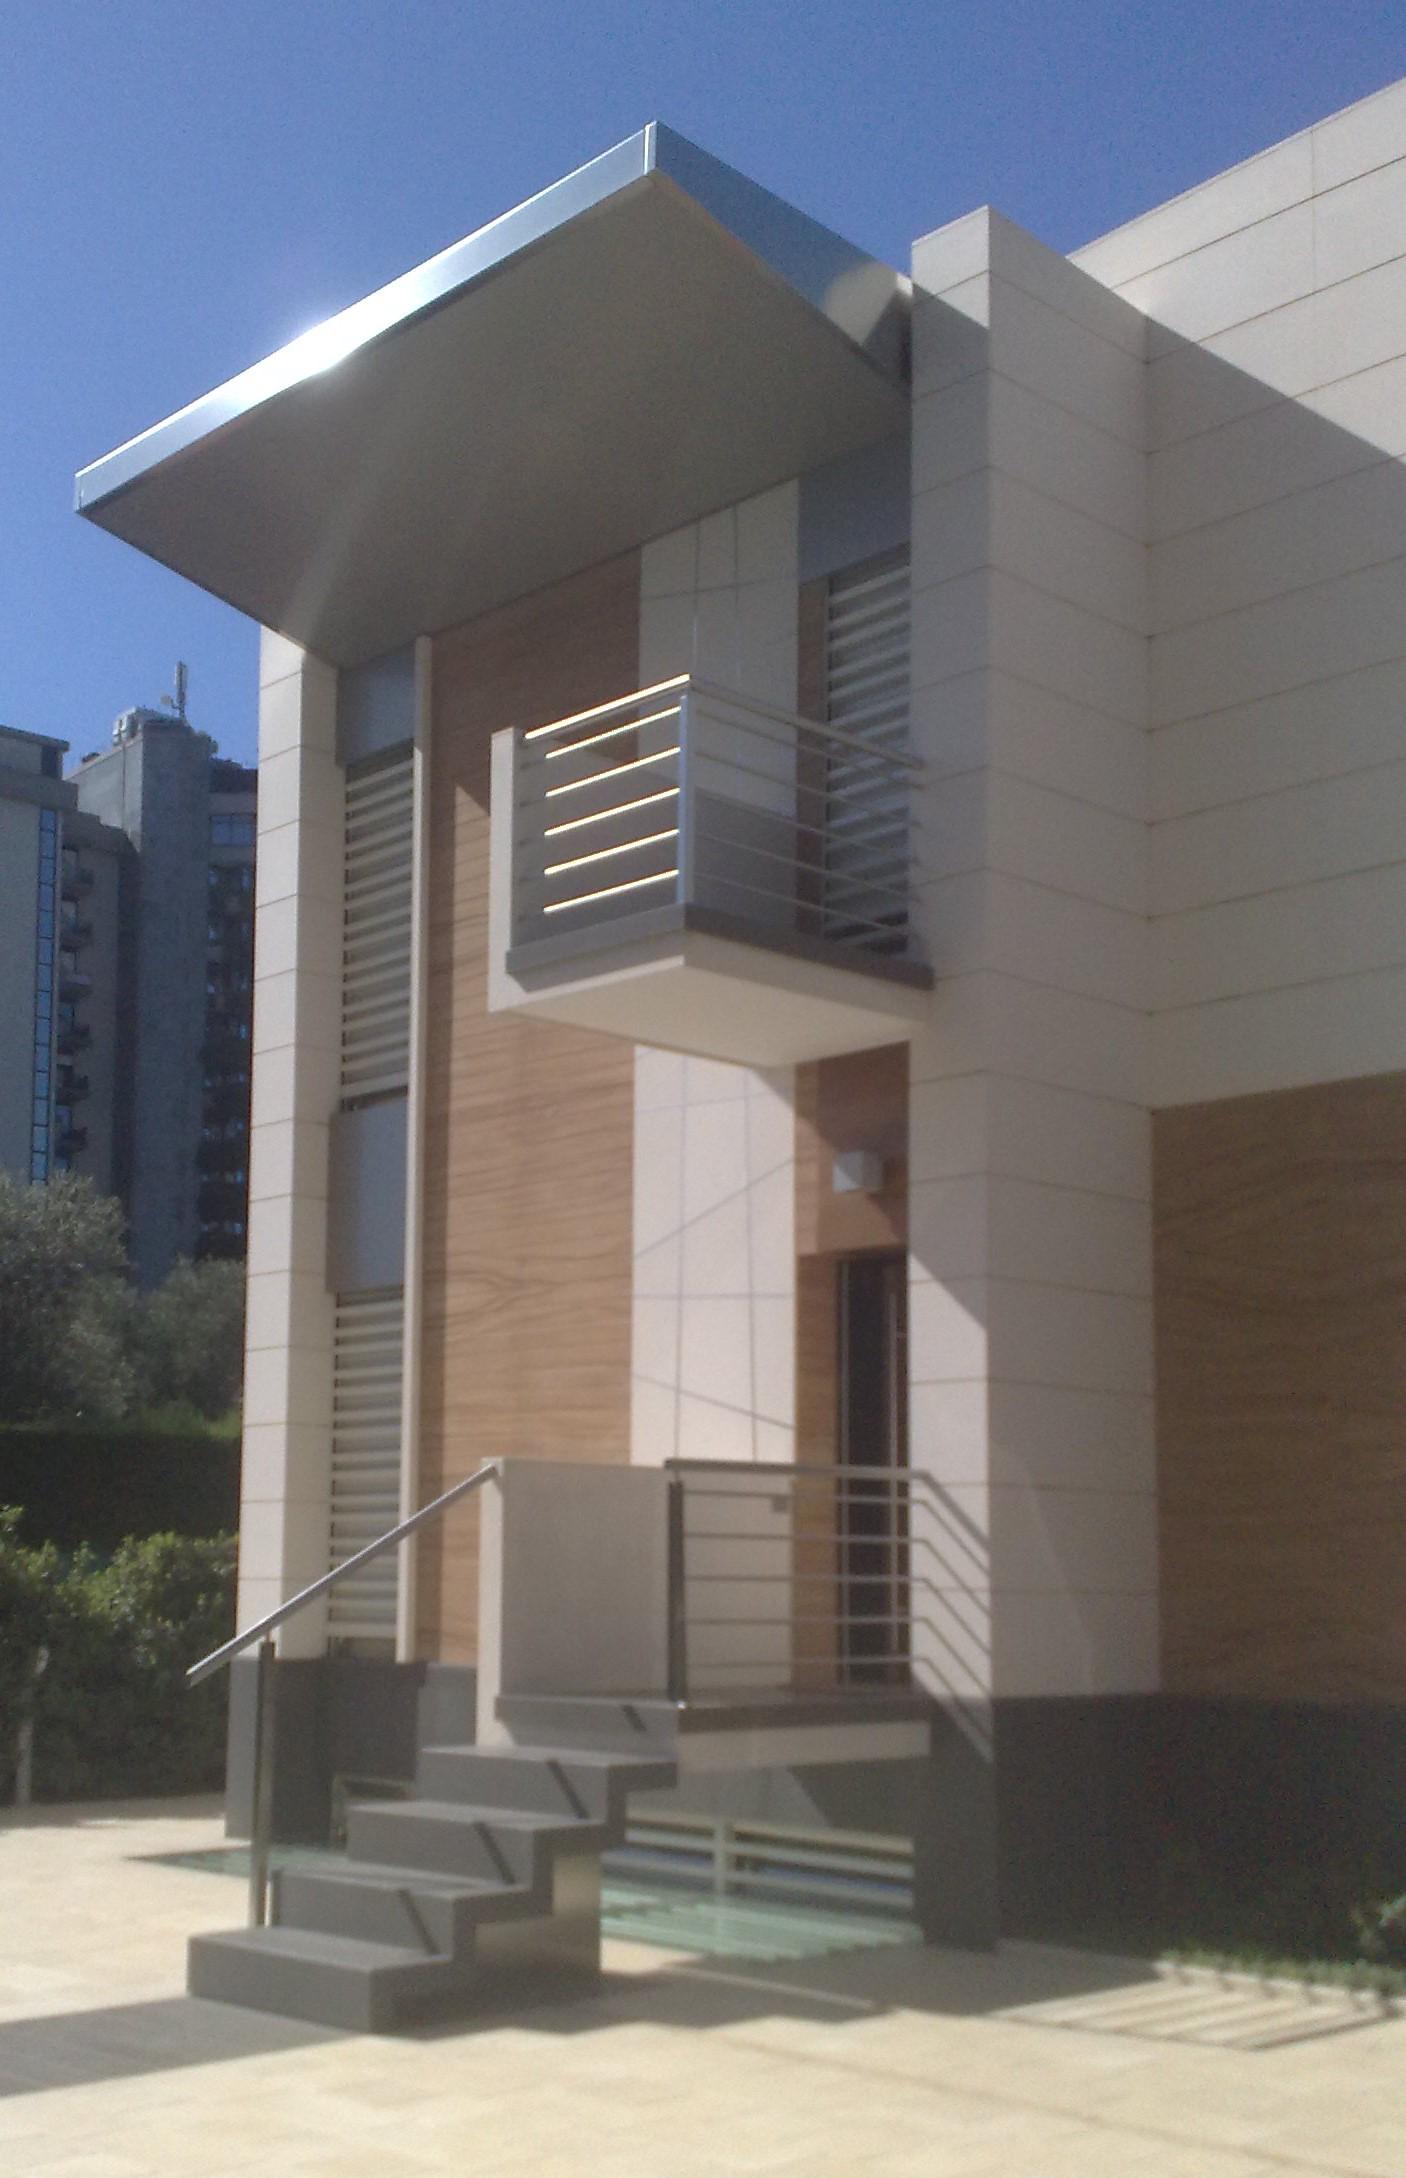 Fasciatoio muro moderno - Rivestimenti per terrazzi esterni ...